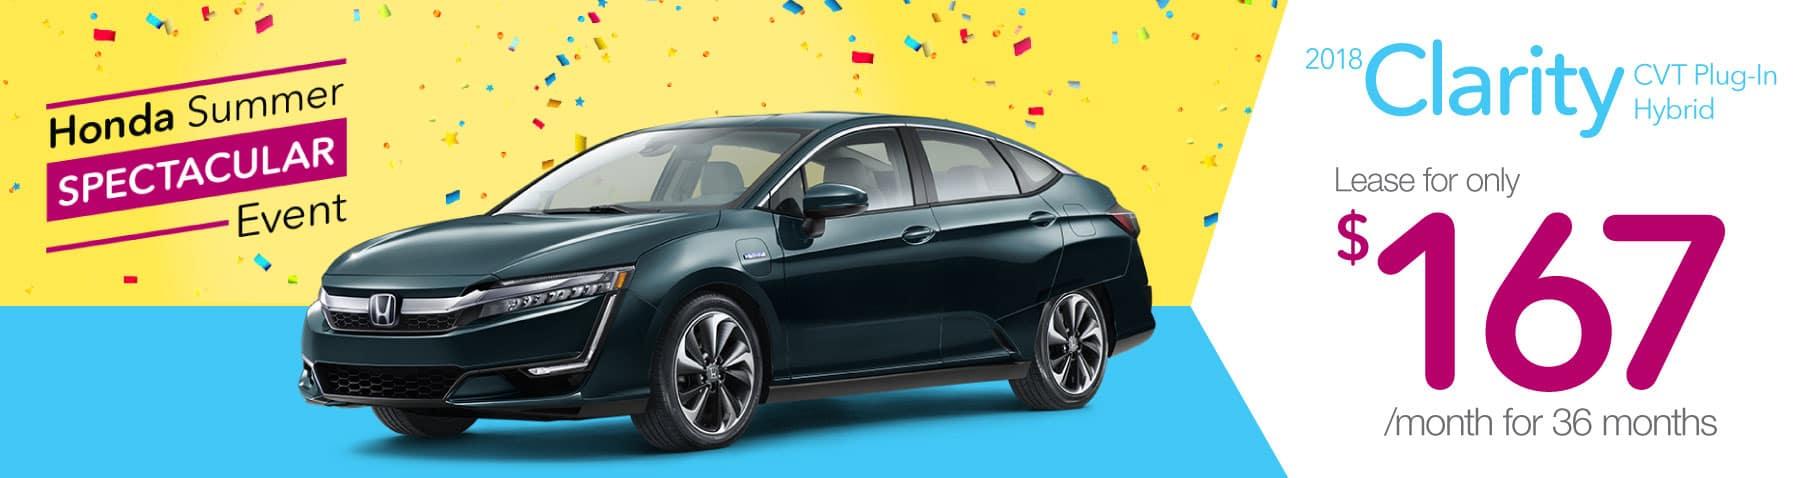 Header Photo of the new 2018 Honda Clarity